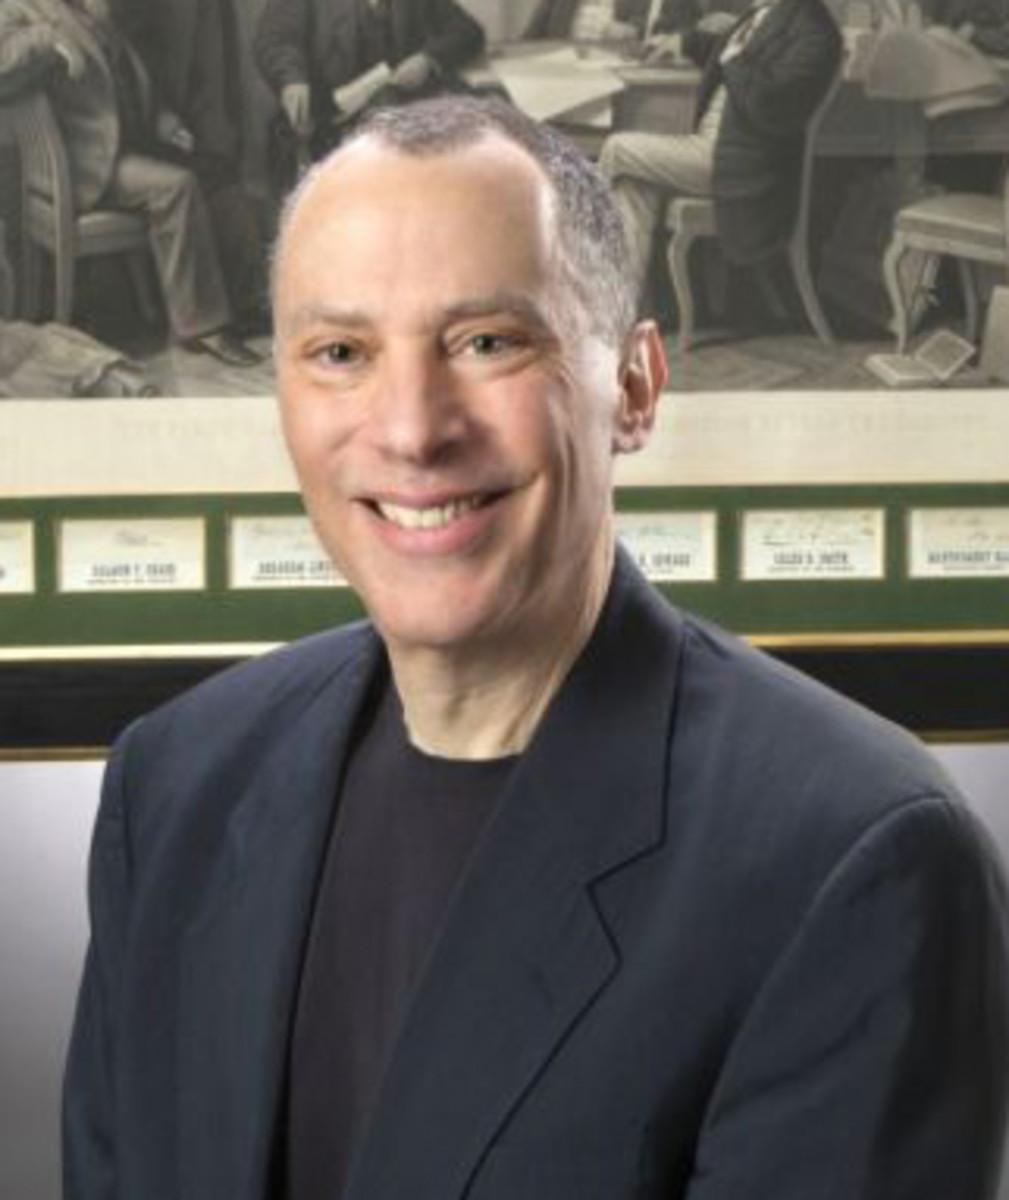 Jim Halperin